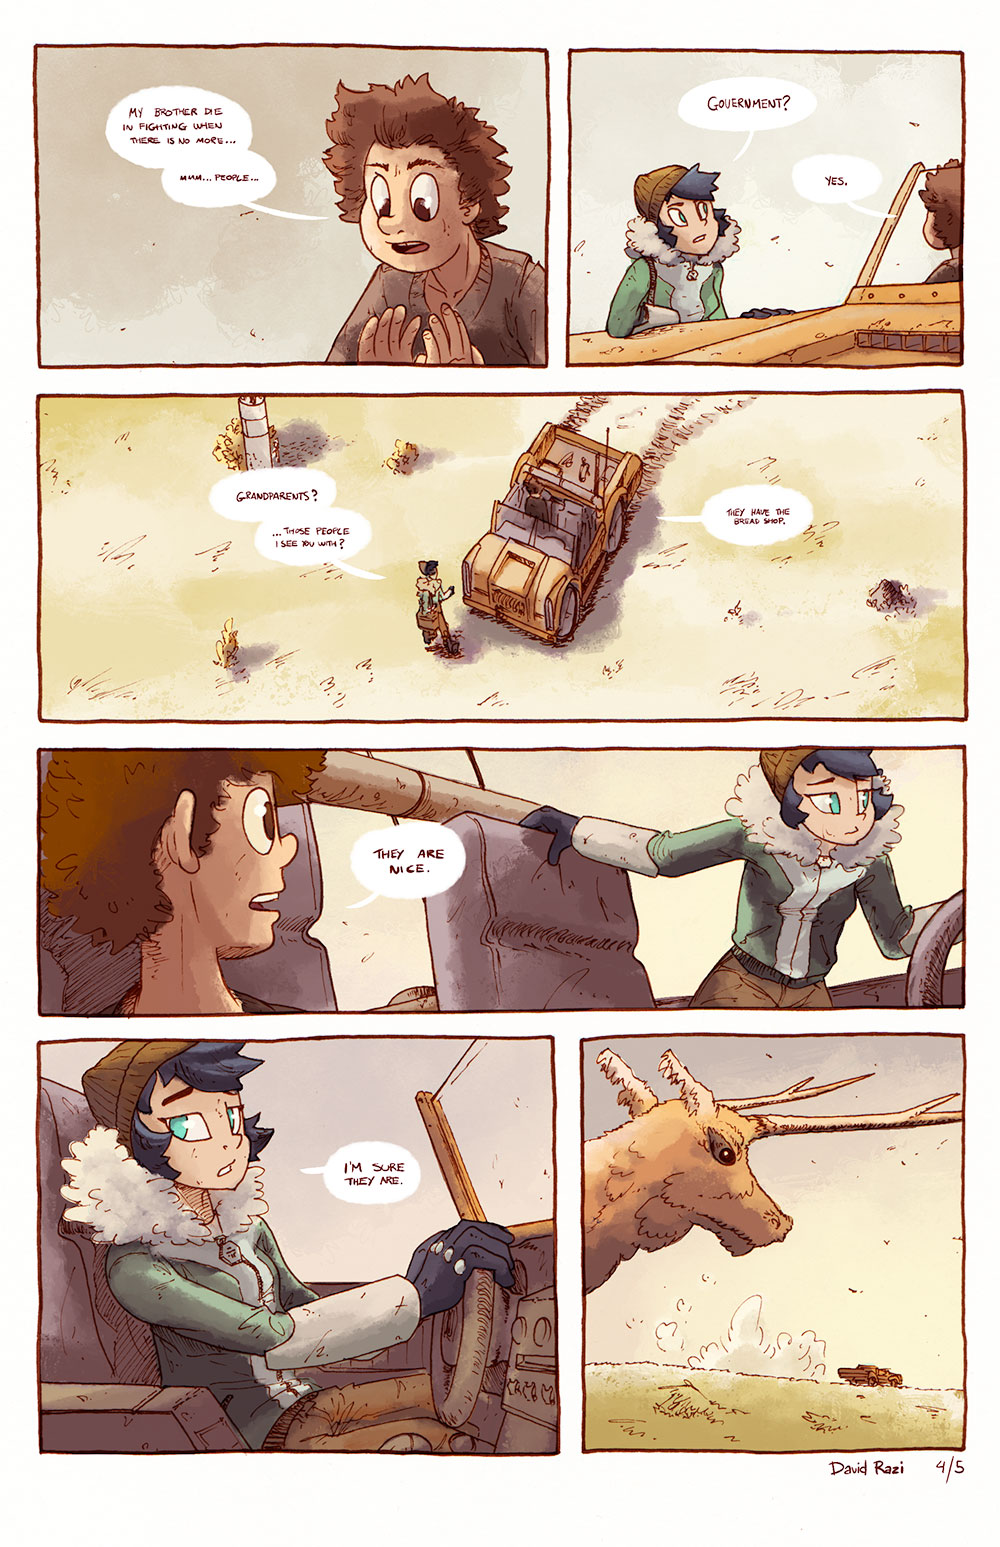 Maps Comics - Repairs 4/5